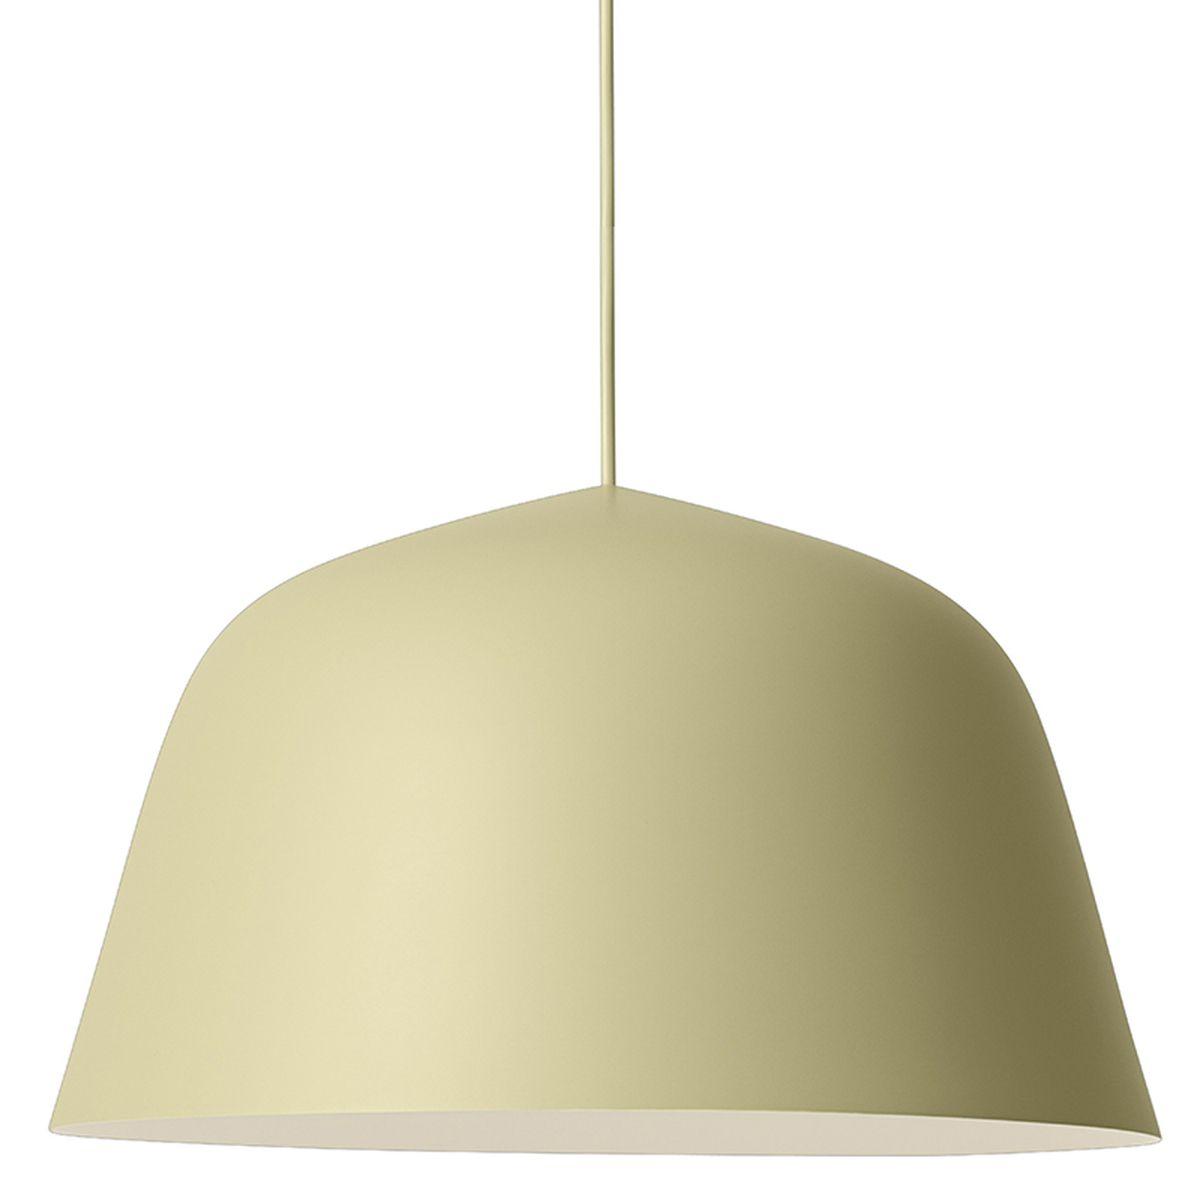 Muuto Ambit Pendant 40 Cm Beige Green Nordic Design Bedroom Lighting Ceiling Lamp Nordic Design Kitchen